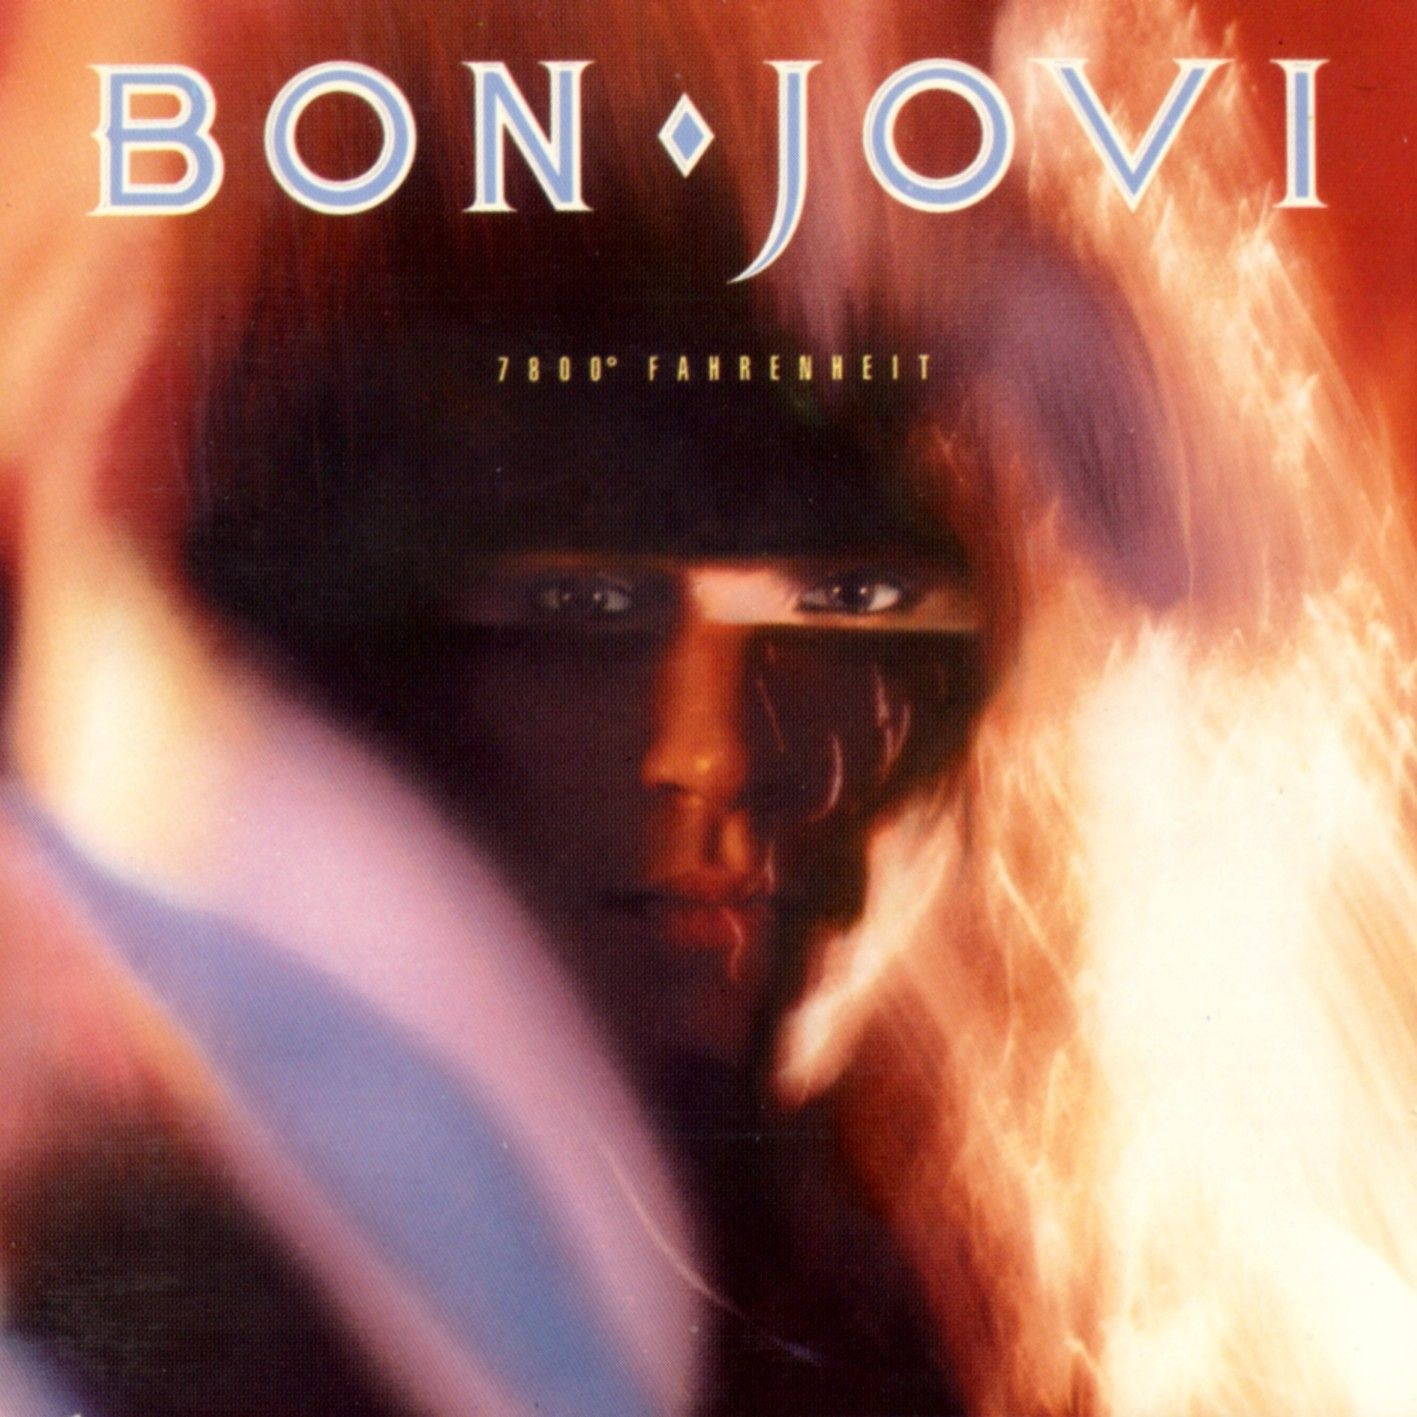 Bon Jovi. 7800° Fahrenheit (LP)Представляем вашему вниманию альбом Bon Jovi. 7800° Fahrenheit, второй альбом американской рок-группы Bon Jovi, изданный на виниле.<br>